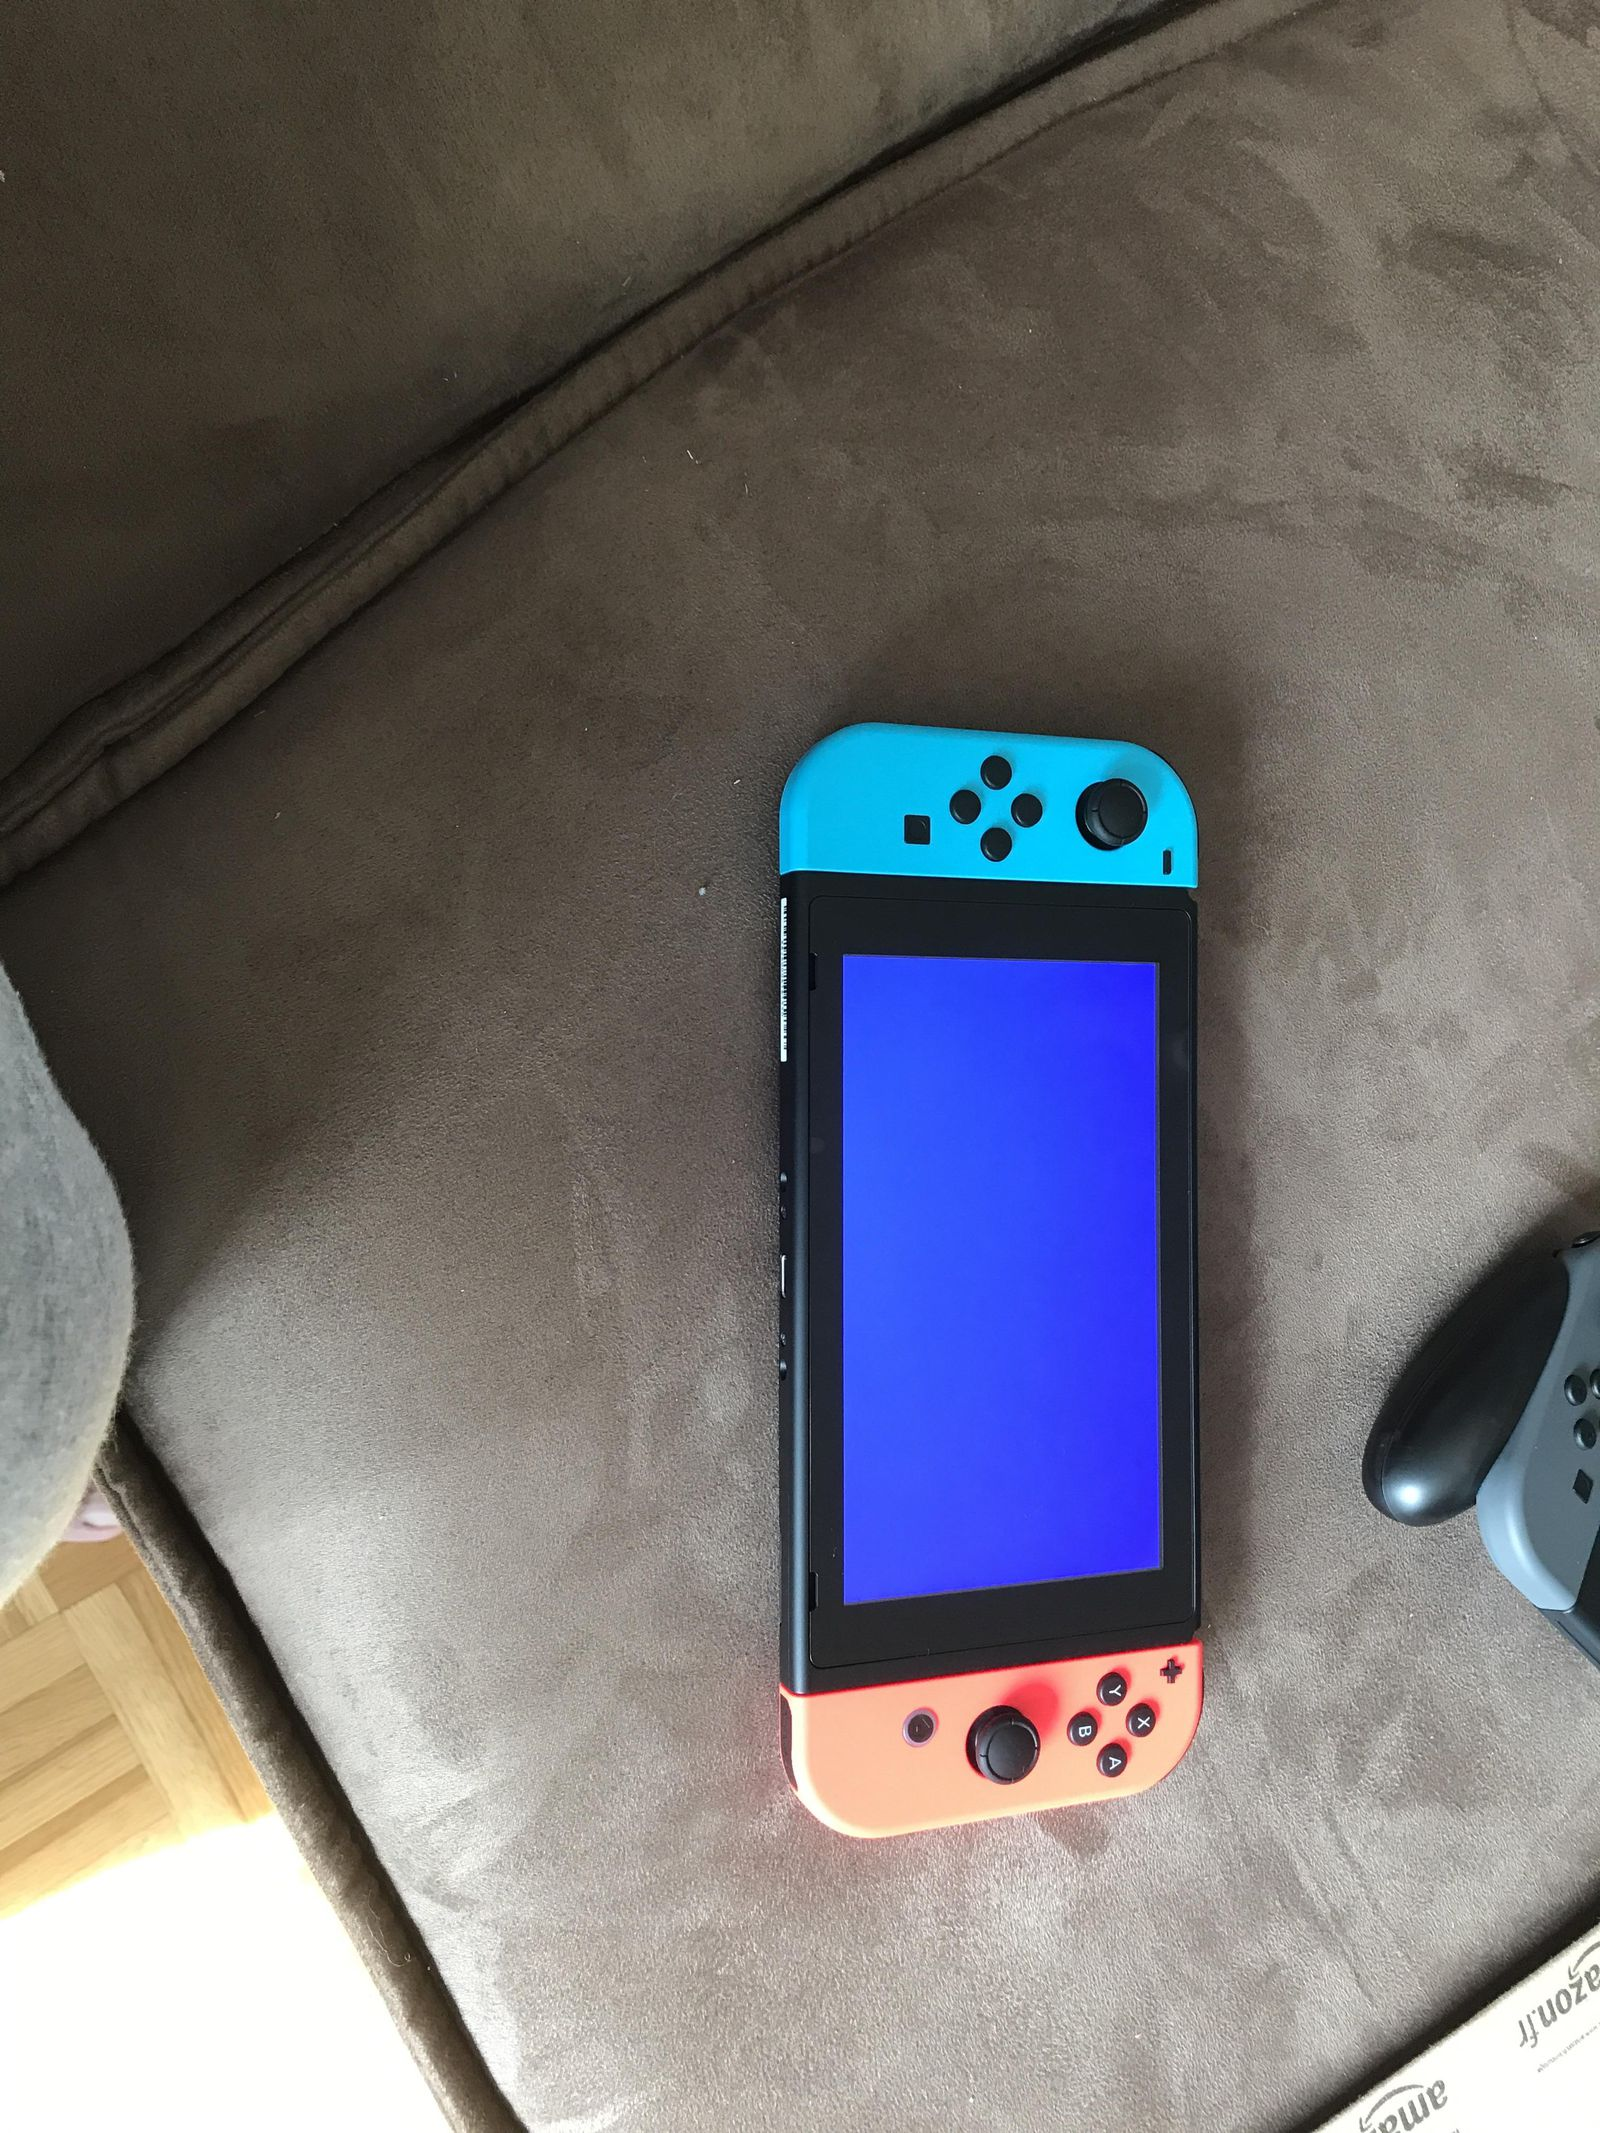 Niebieski ekran Nintendo Switch po pojawieniu się krytycznego błędu